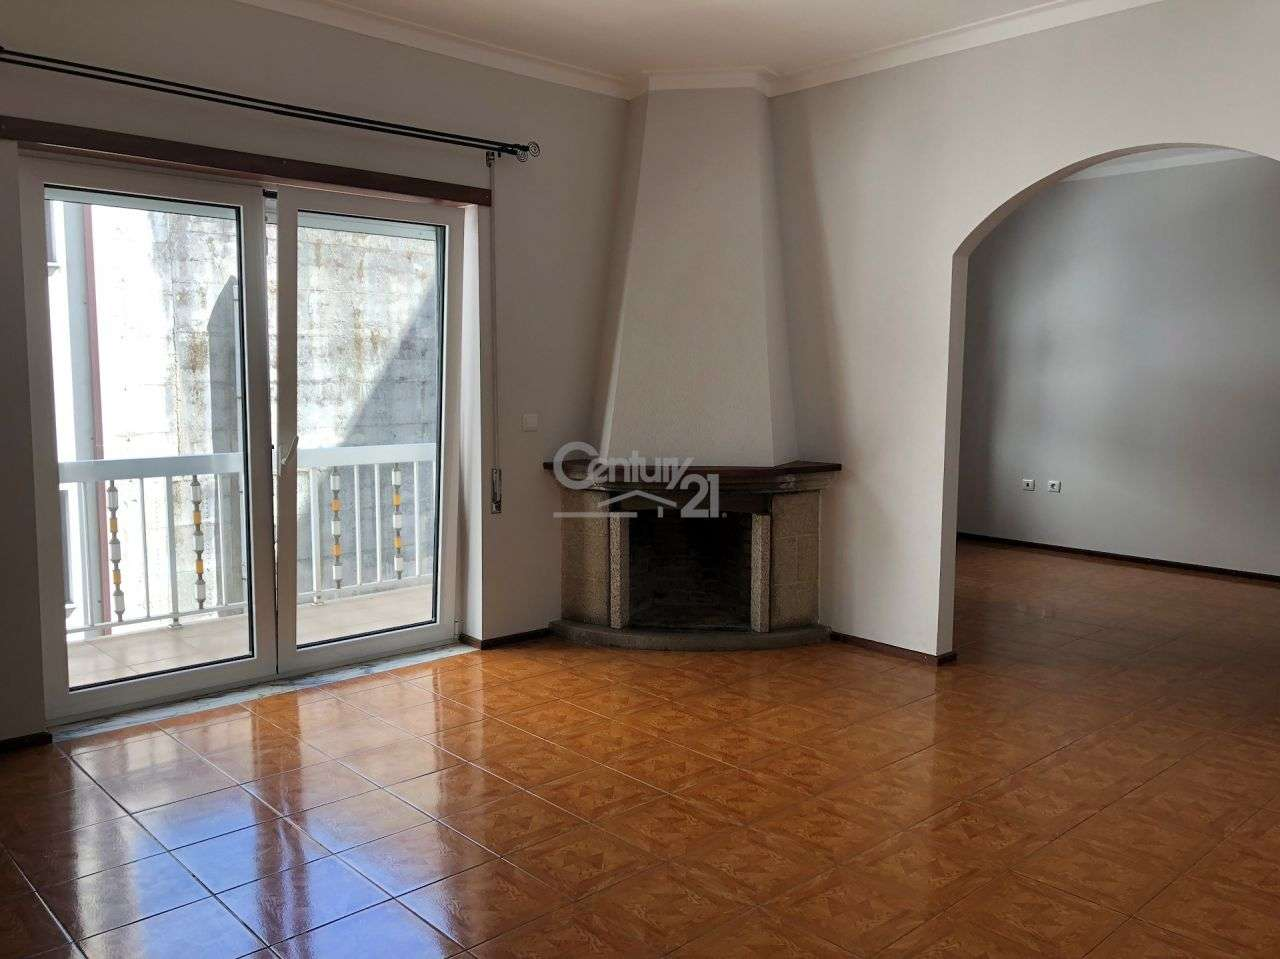 Apartamento para comprar, Castro Daire, Viseu - Foto 1